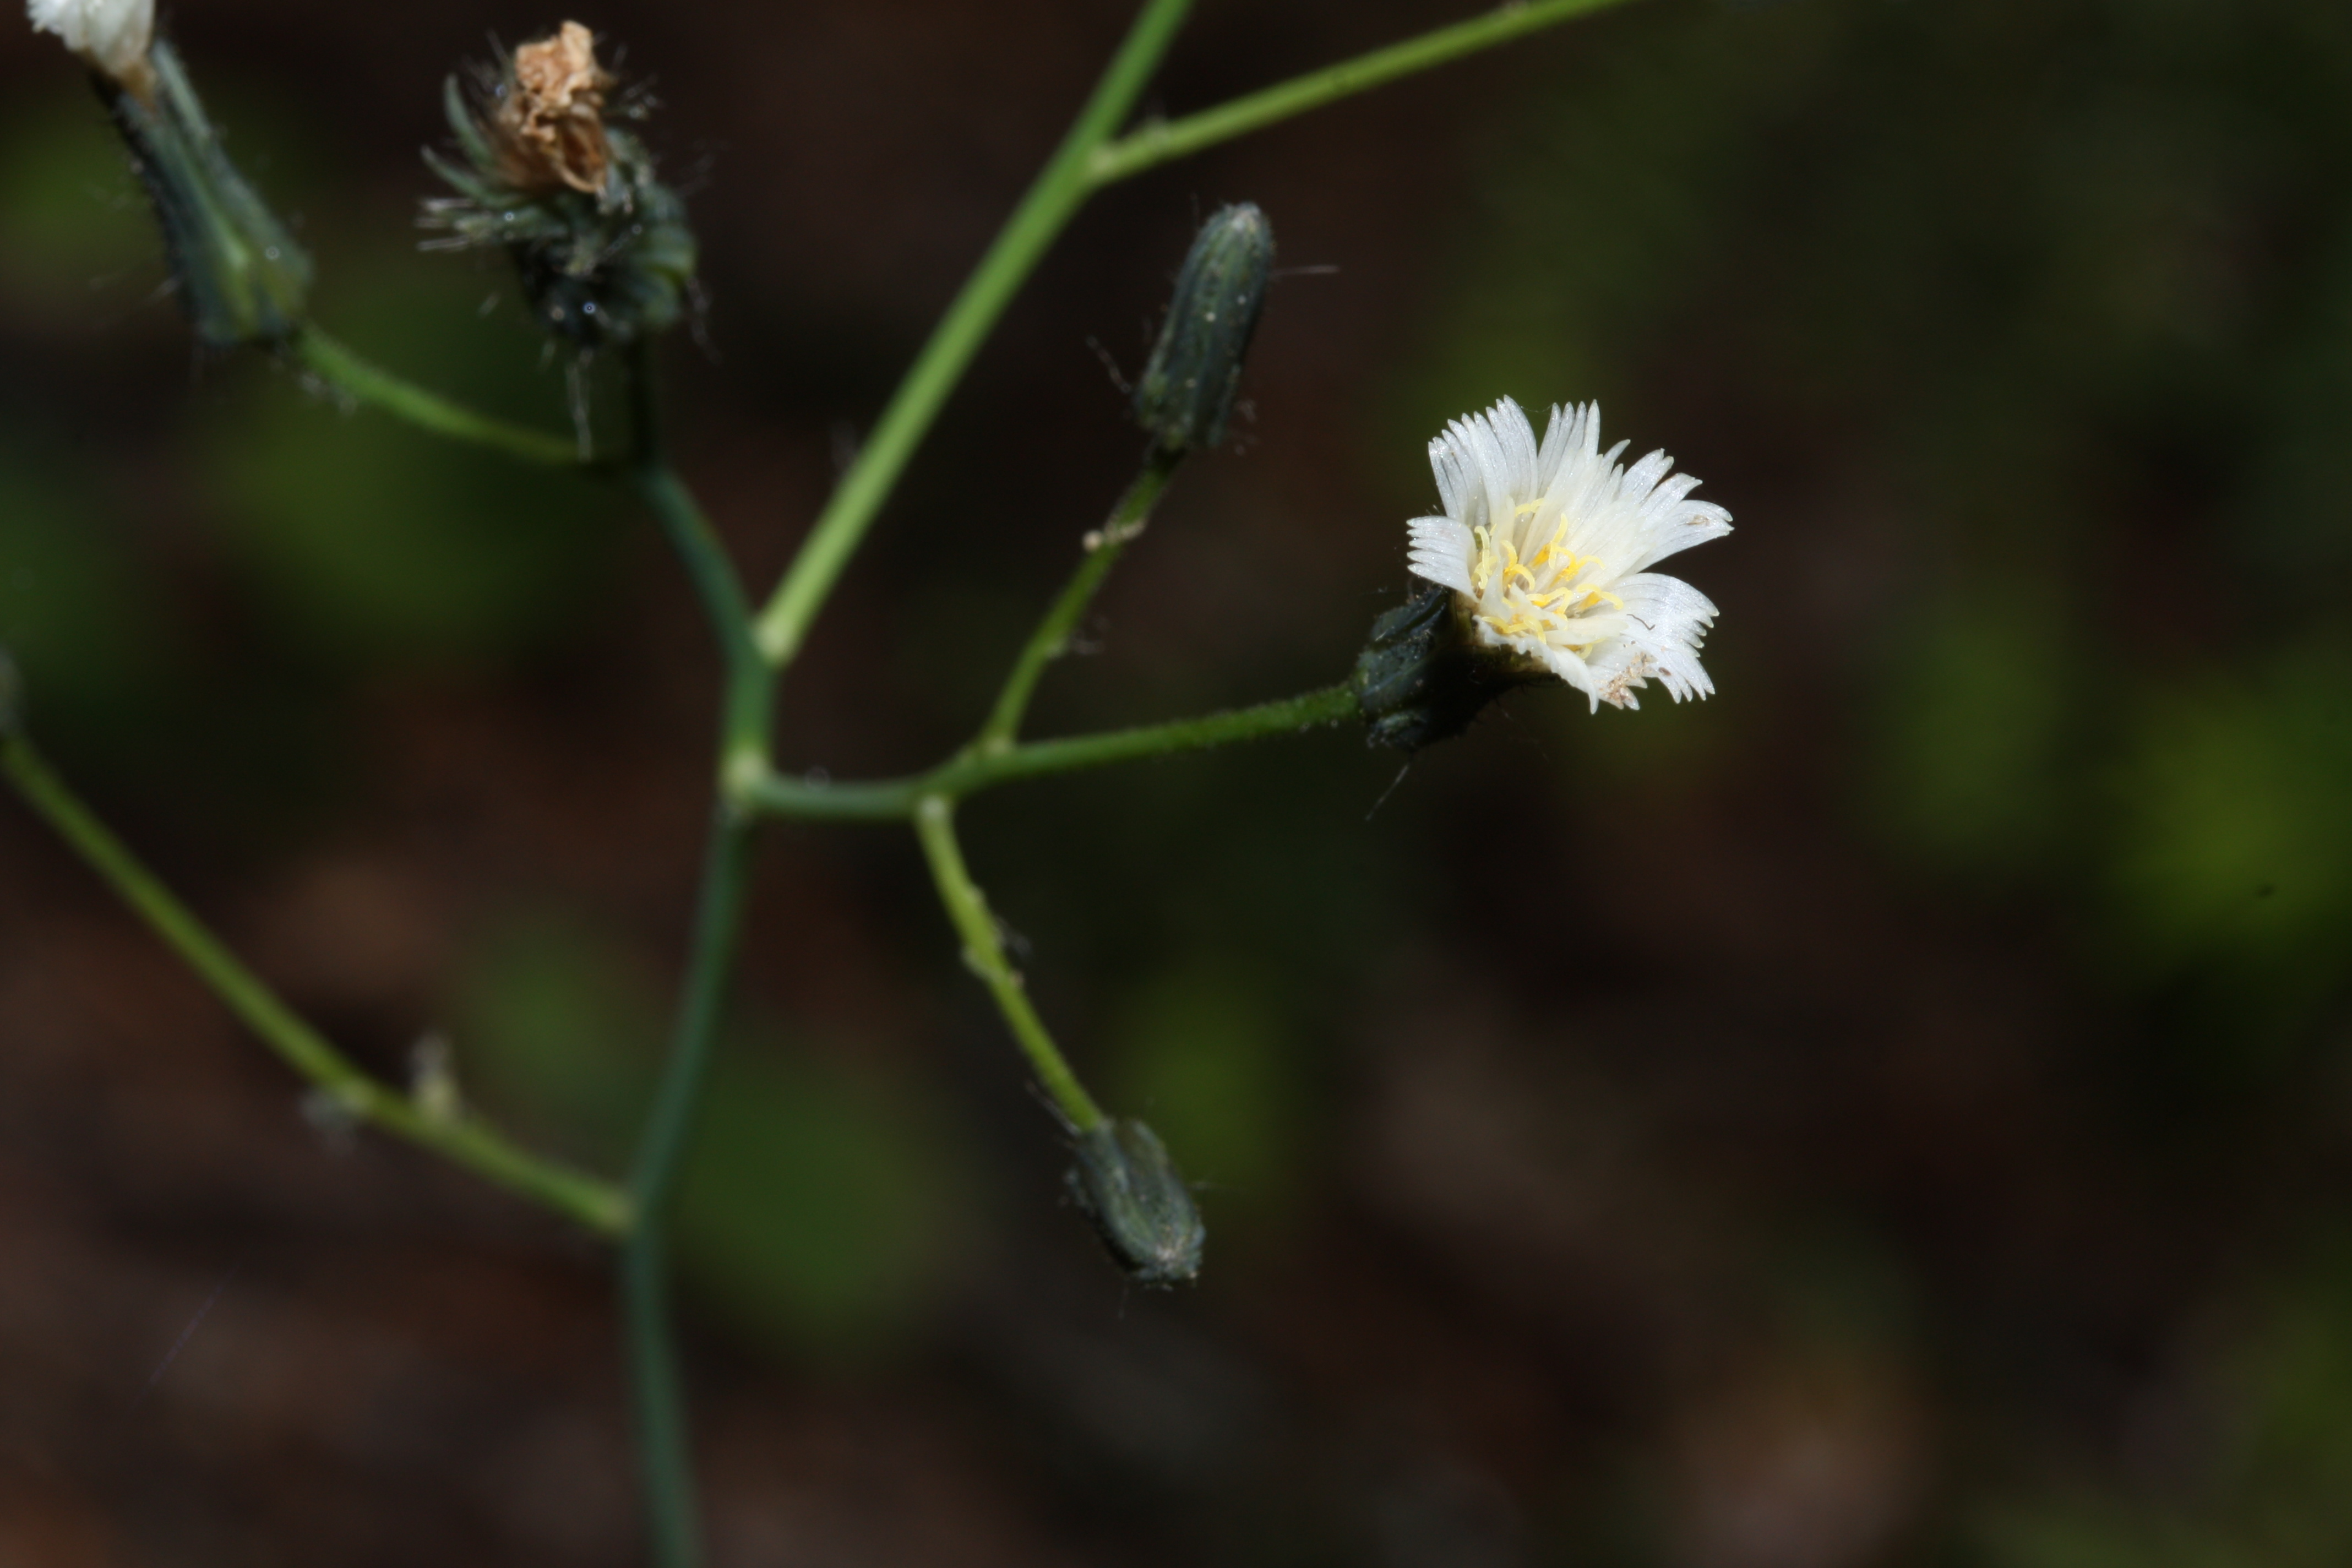 Image of white hawkweed